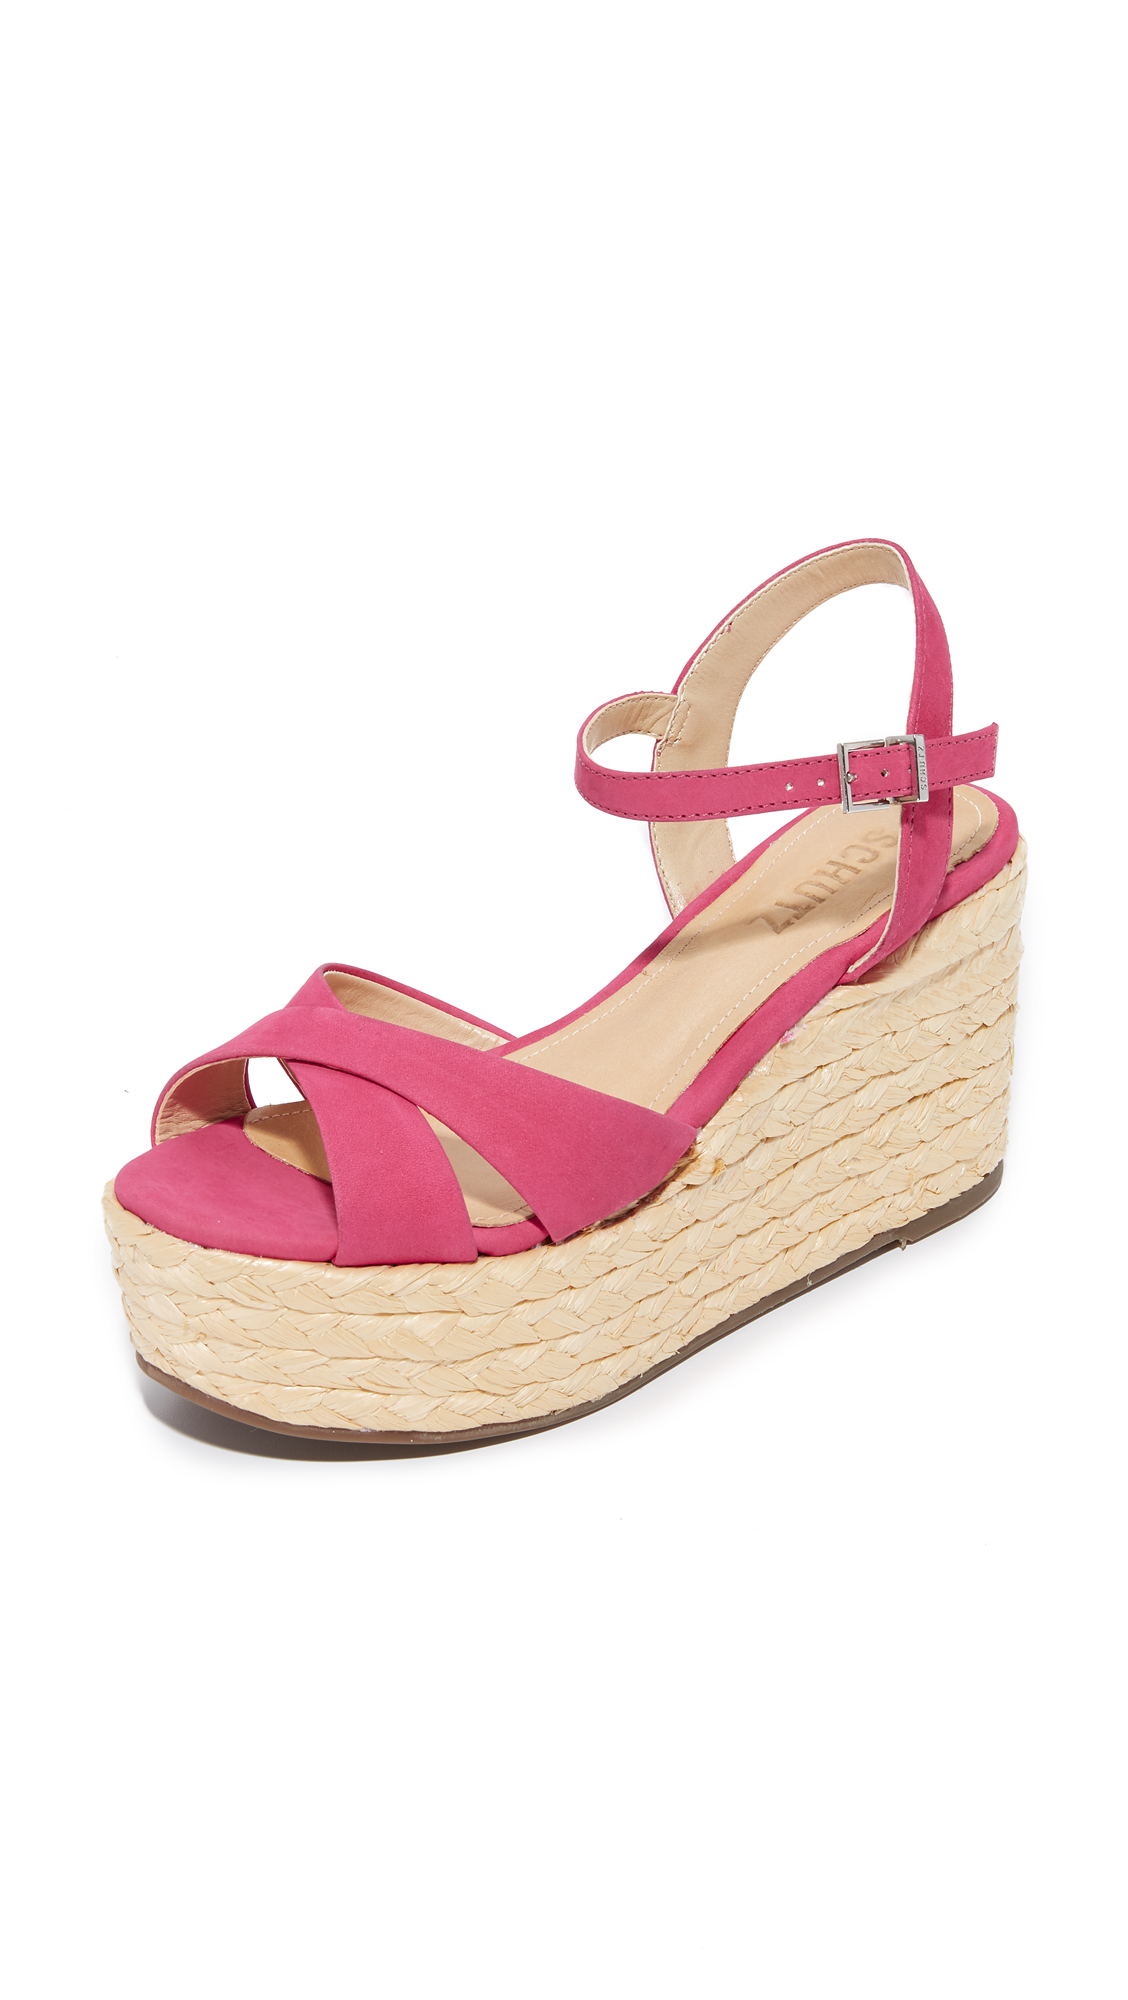 Schutz Keisi Platform Sandals - Rose Pink